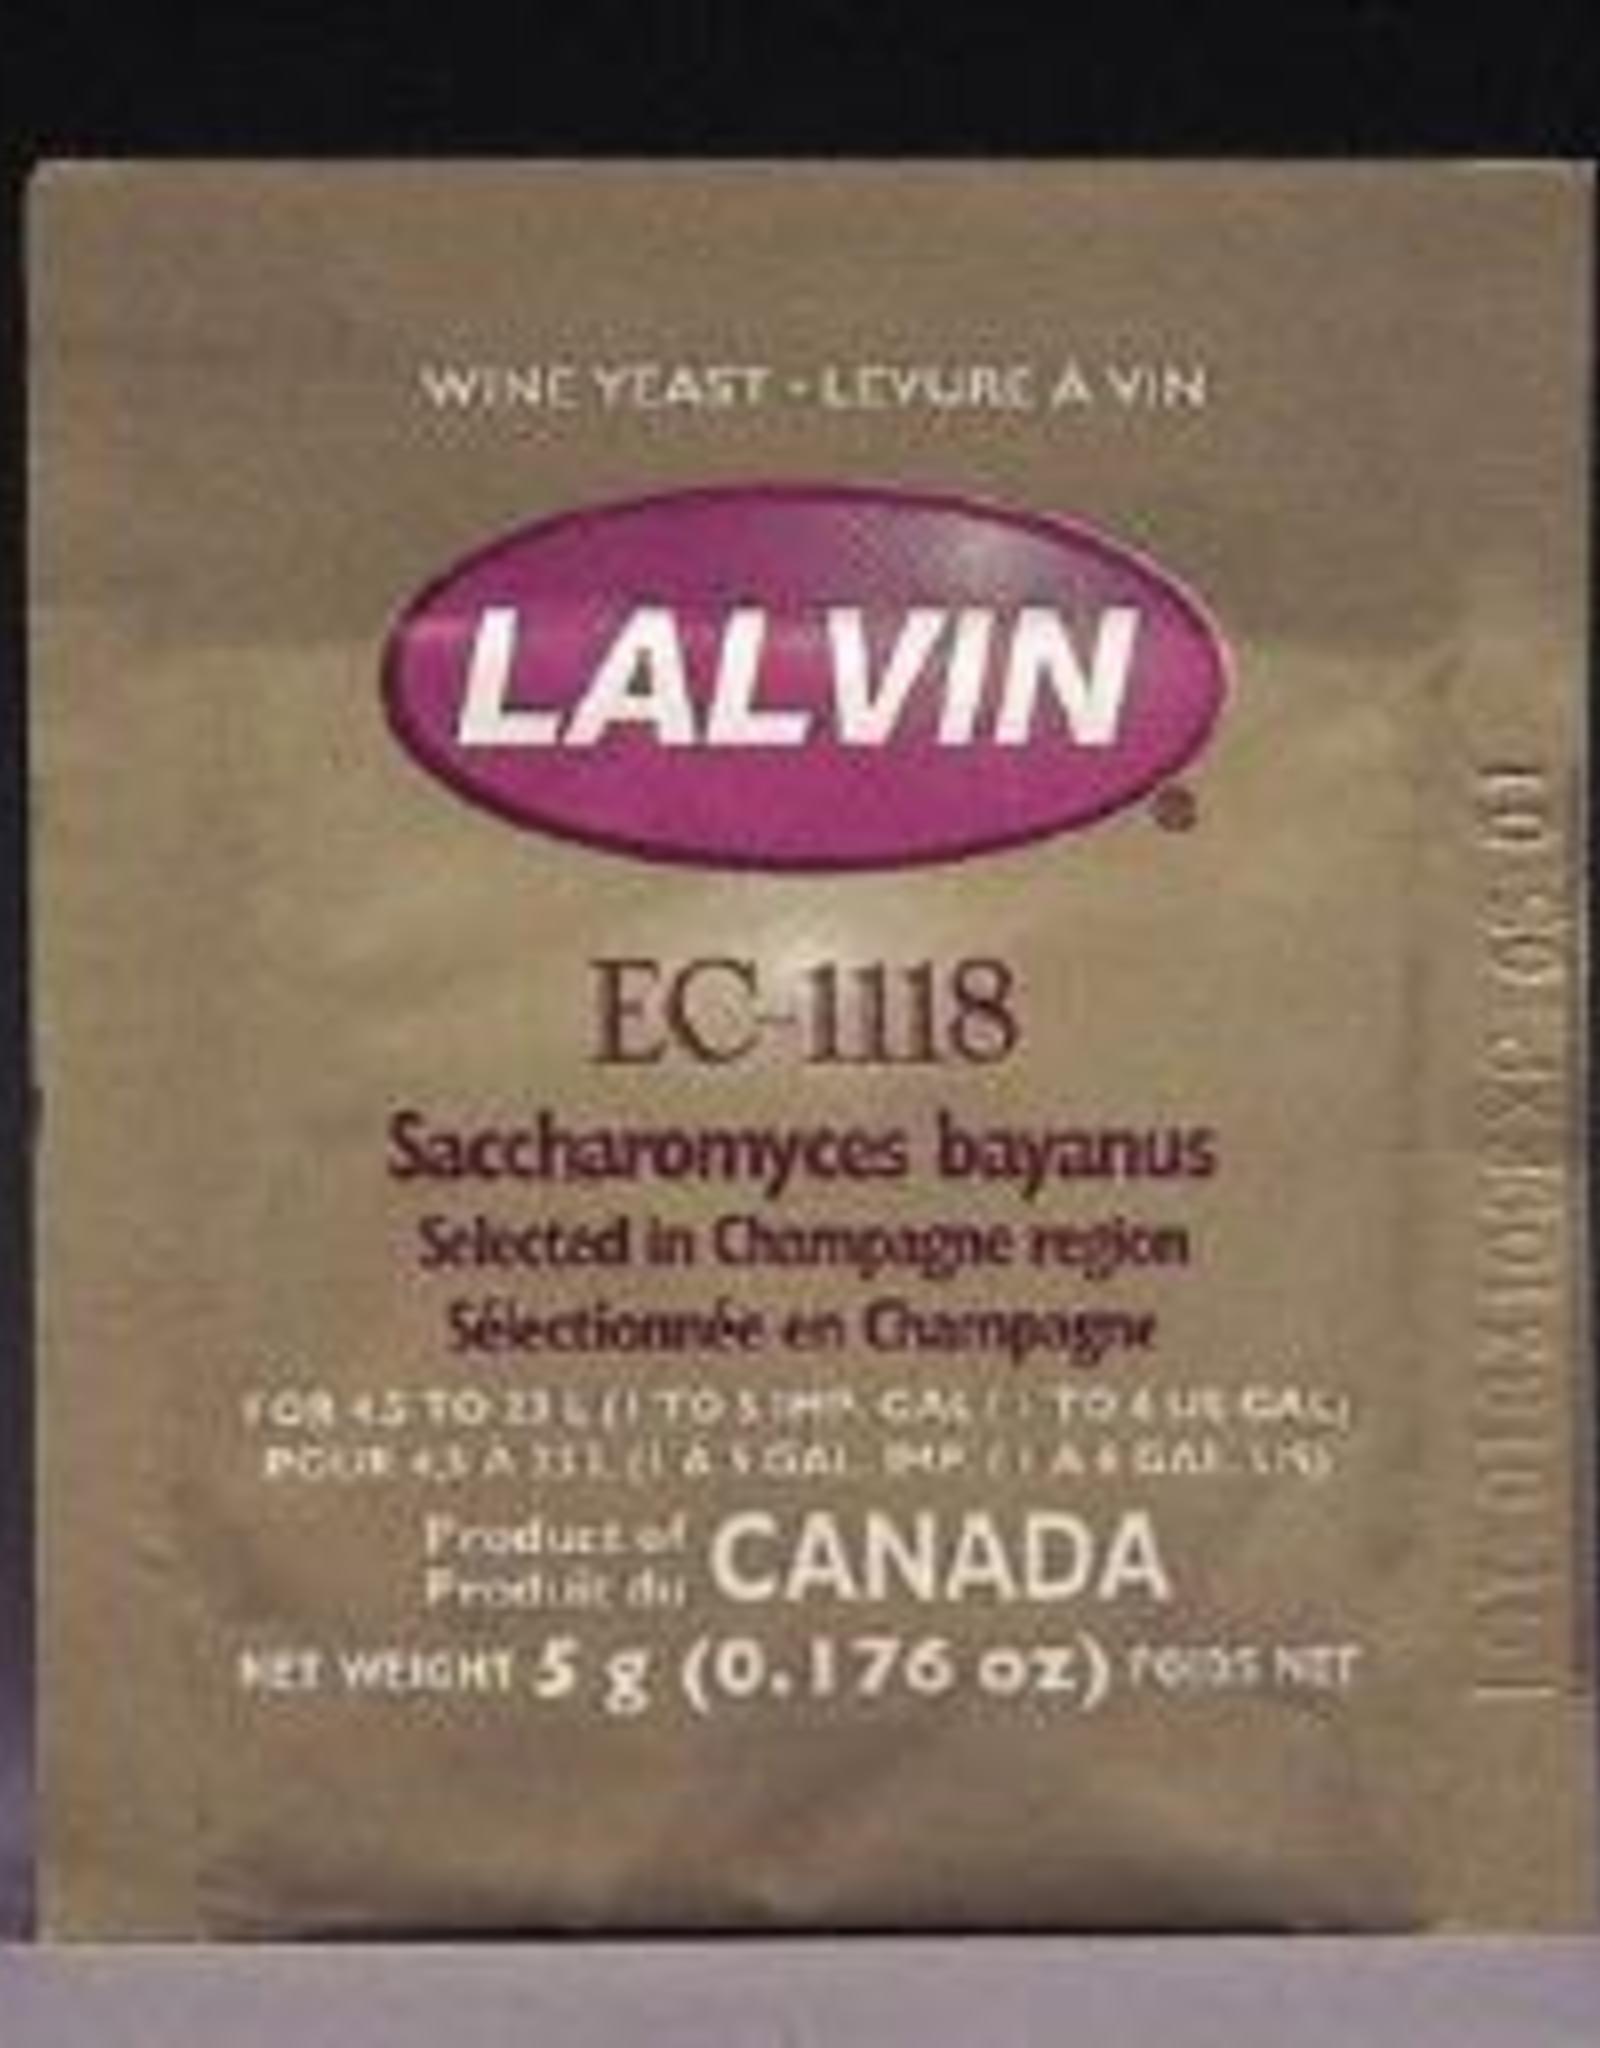 EC-1118 LALVIN YEAST